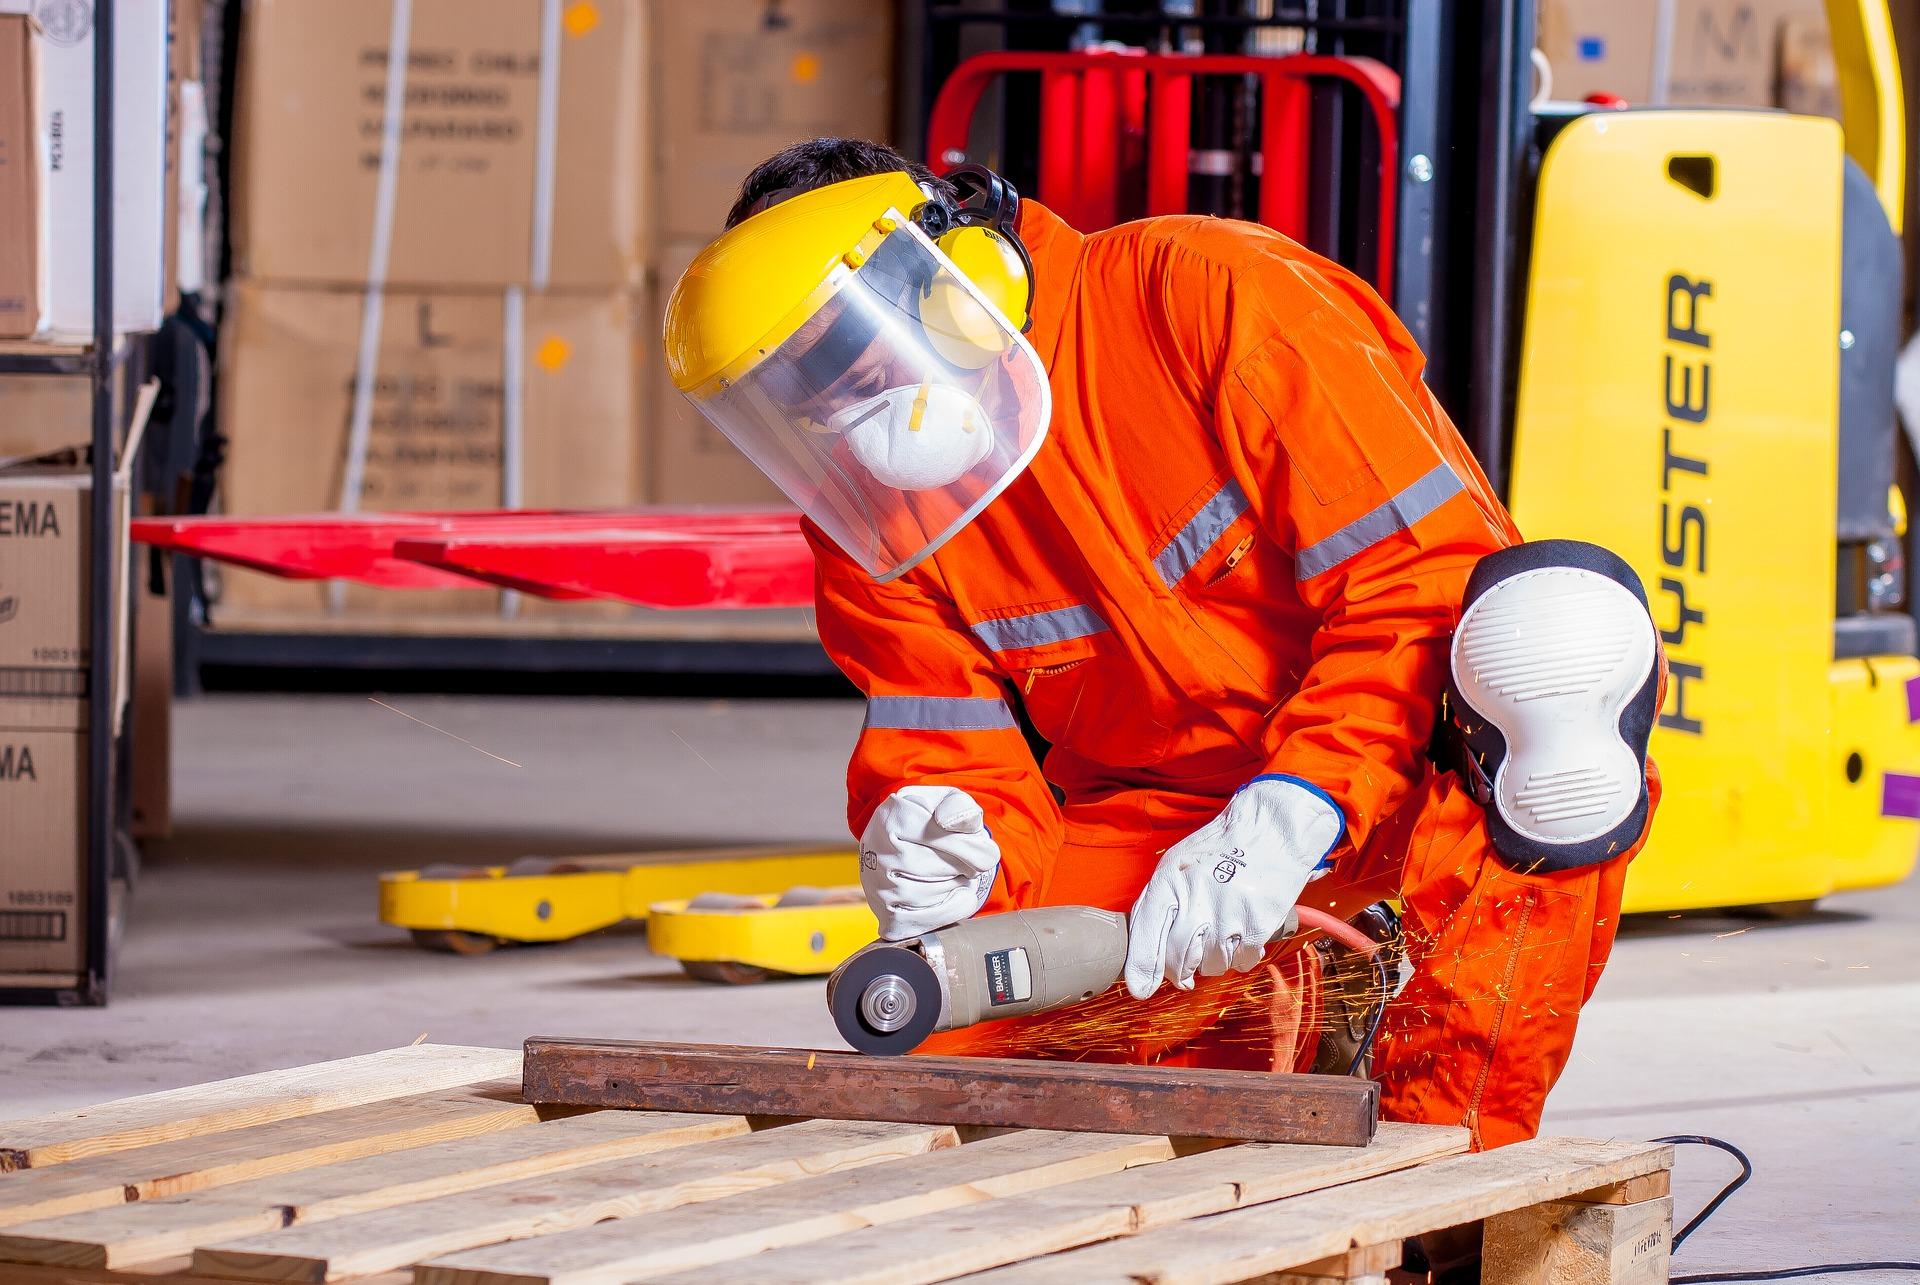 Ein Handwerker schleift ein Metallteil